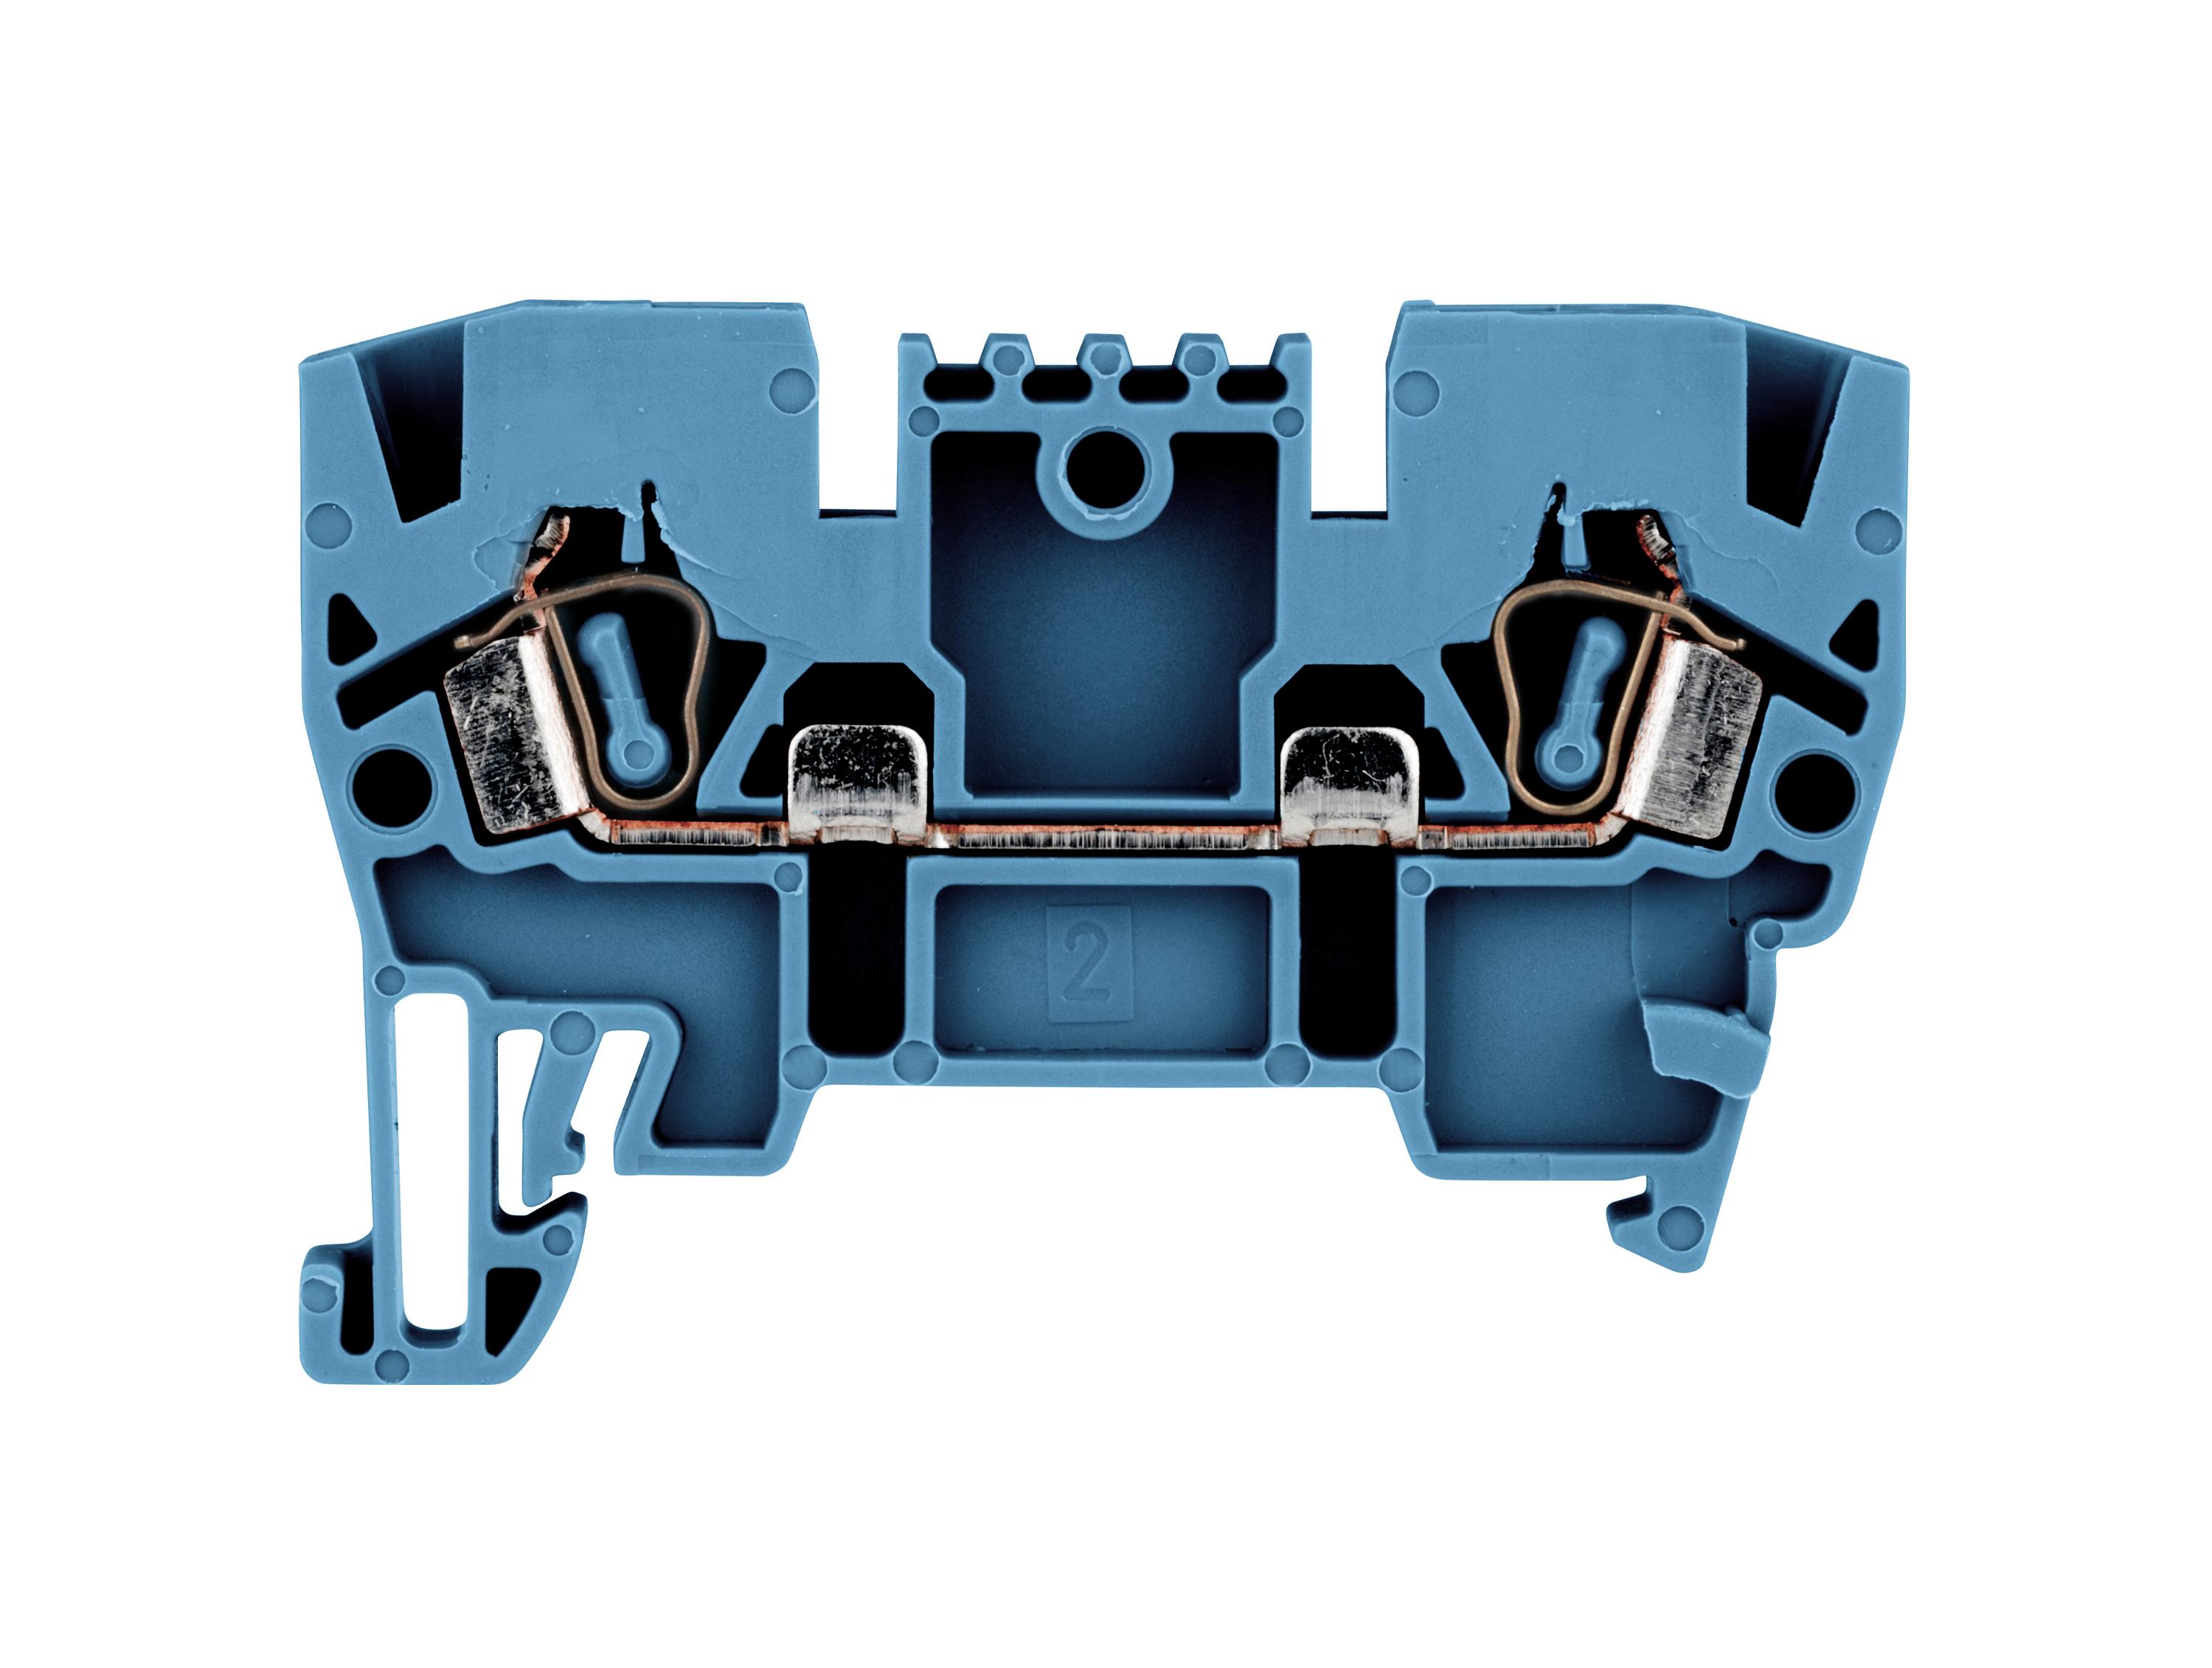 1 Stk Federkraftklemme 2,5mm², Type YBK 2,5mm², blau IK611002--